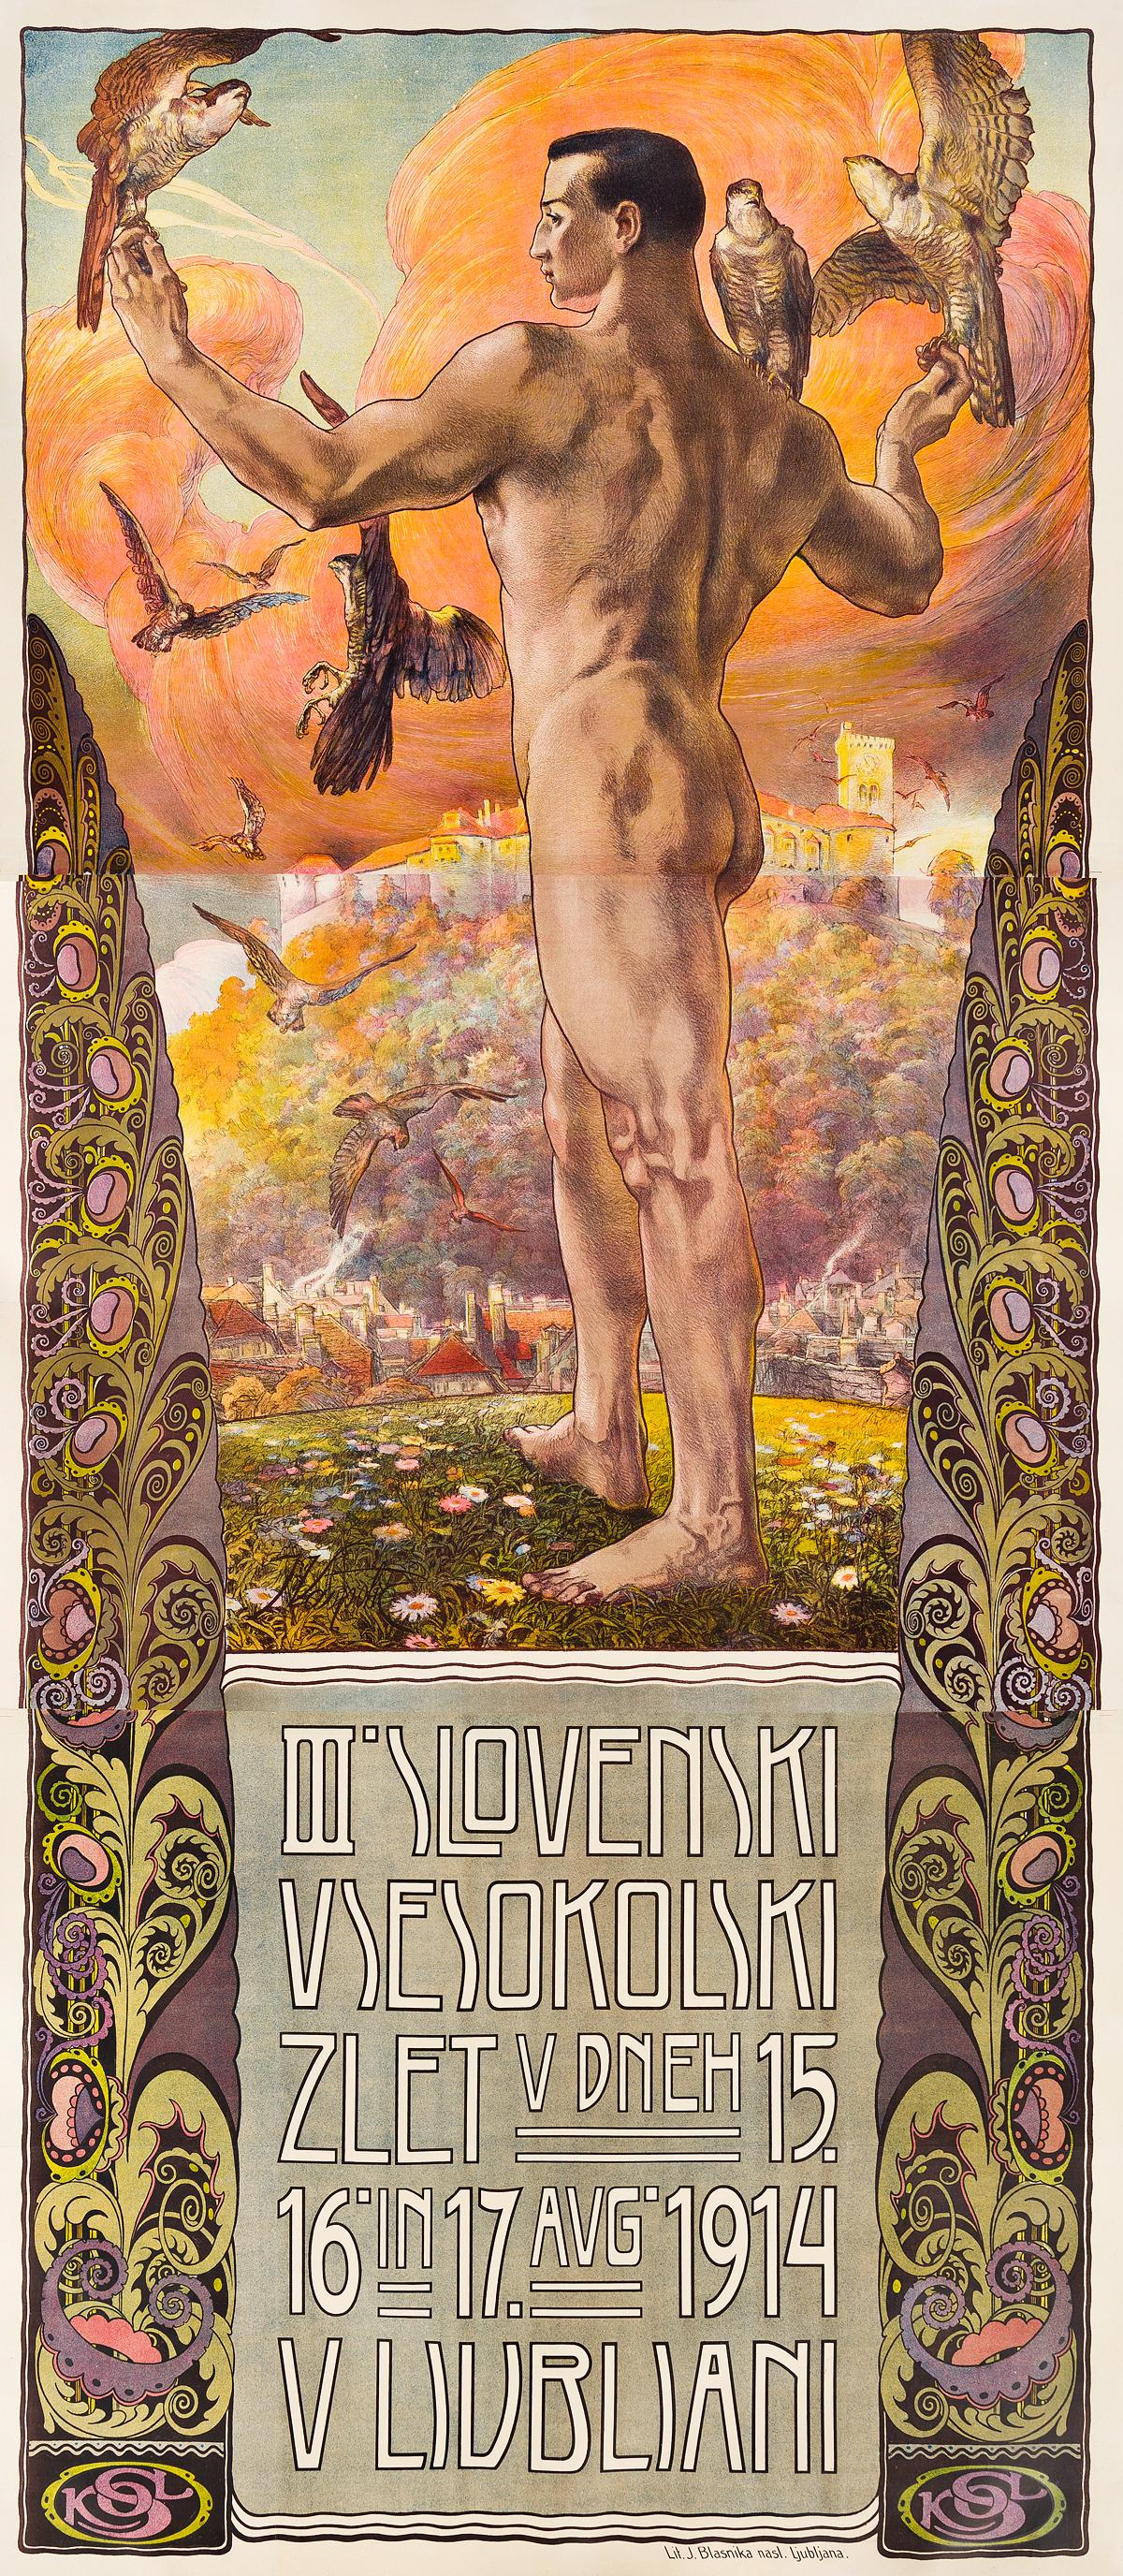 IVAN VAVPOTIC (1877-1943).  III. SLOVENSKI VSESOKOLSKI ZLET / V LJUBLJANI. 1914. 107x47 inches, 273x120 cm. J. Blasnika, Ljubljana.